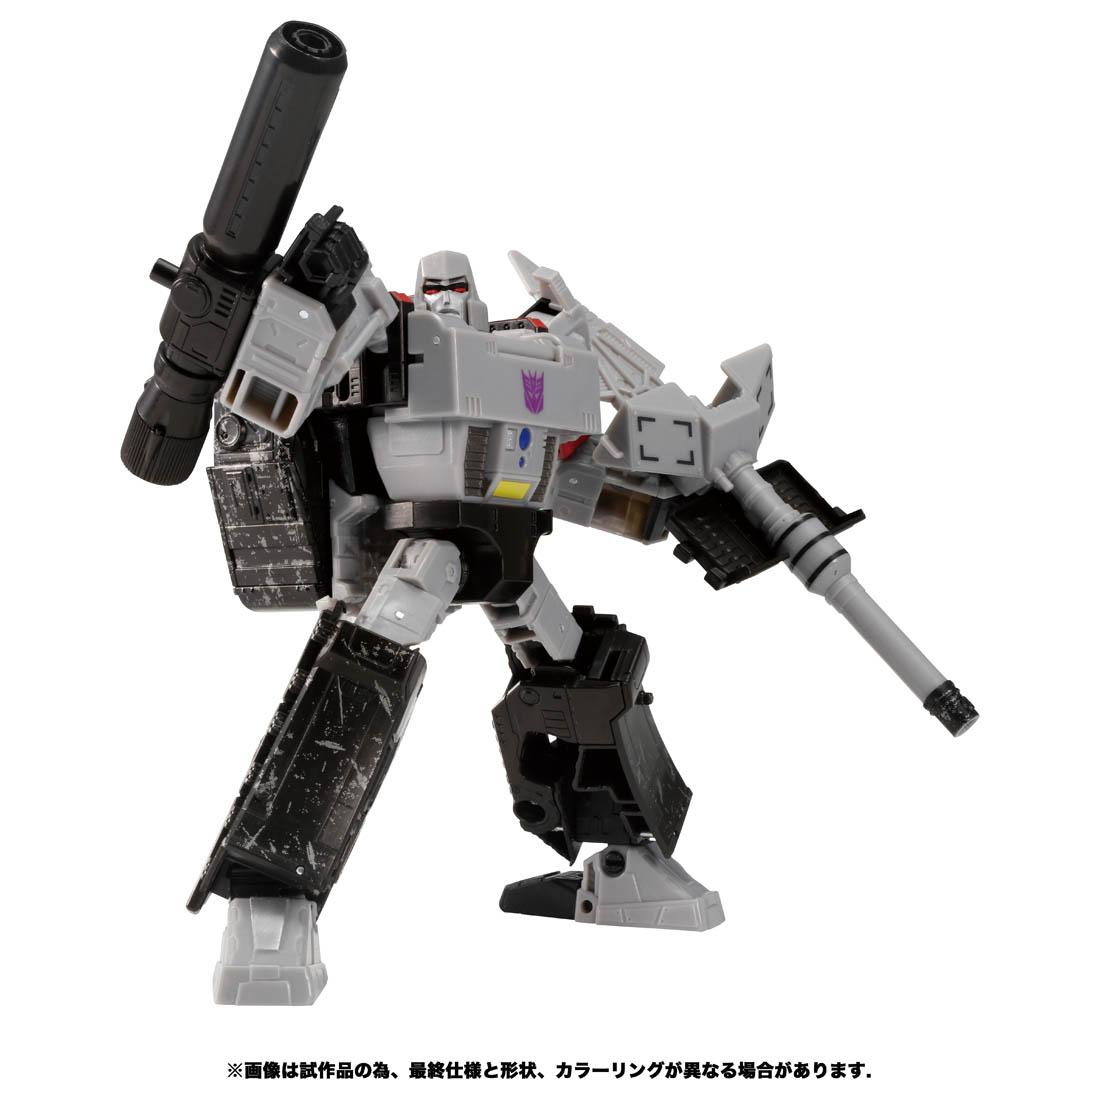 トランスフォーマー アースライズ『ER-13 メガトロン』可変可動フィギュア-003